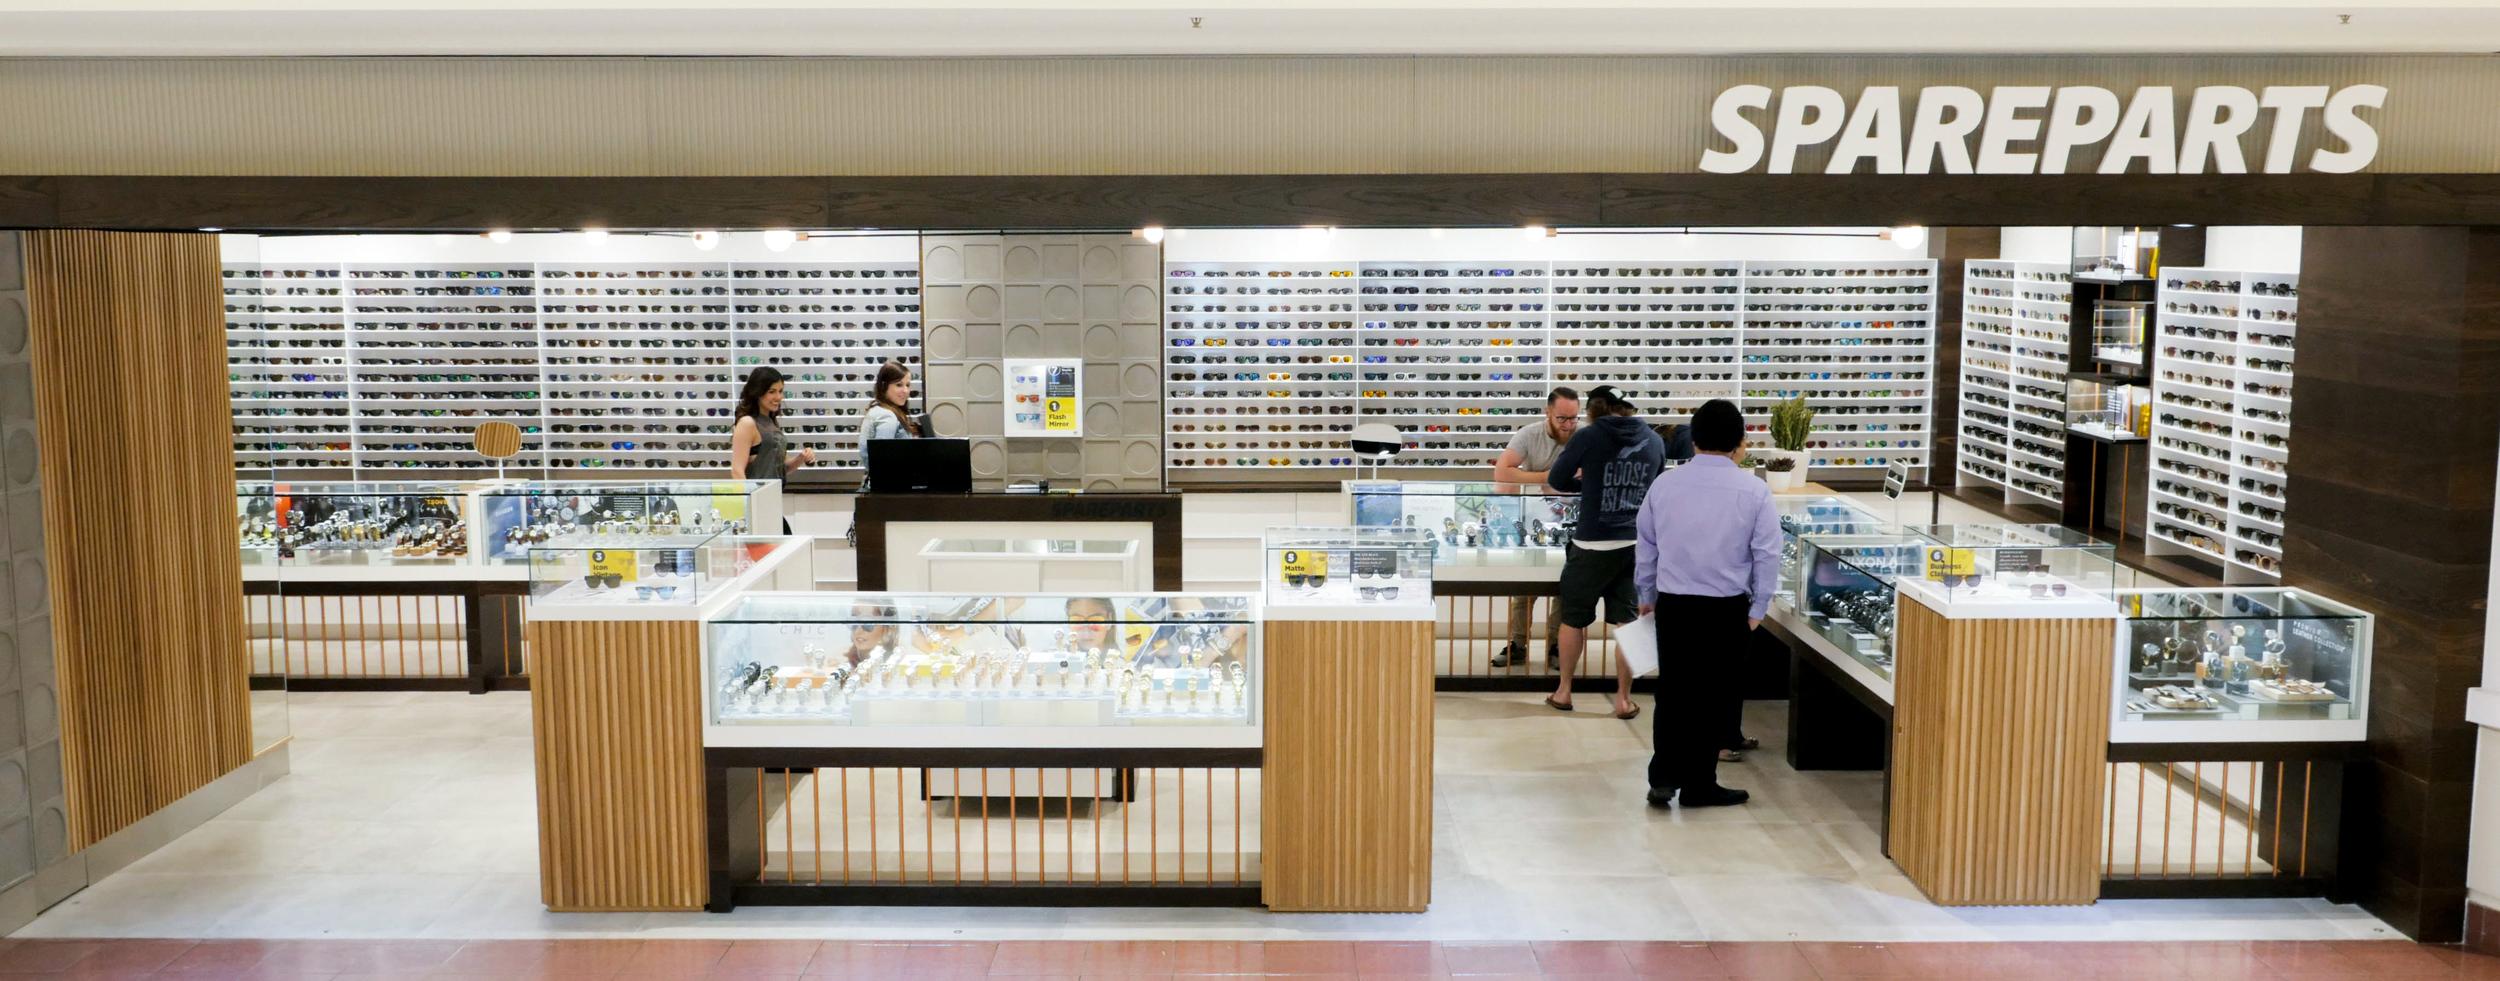 storefront_02.jpg